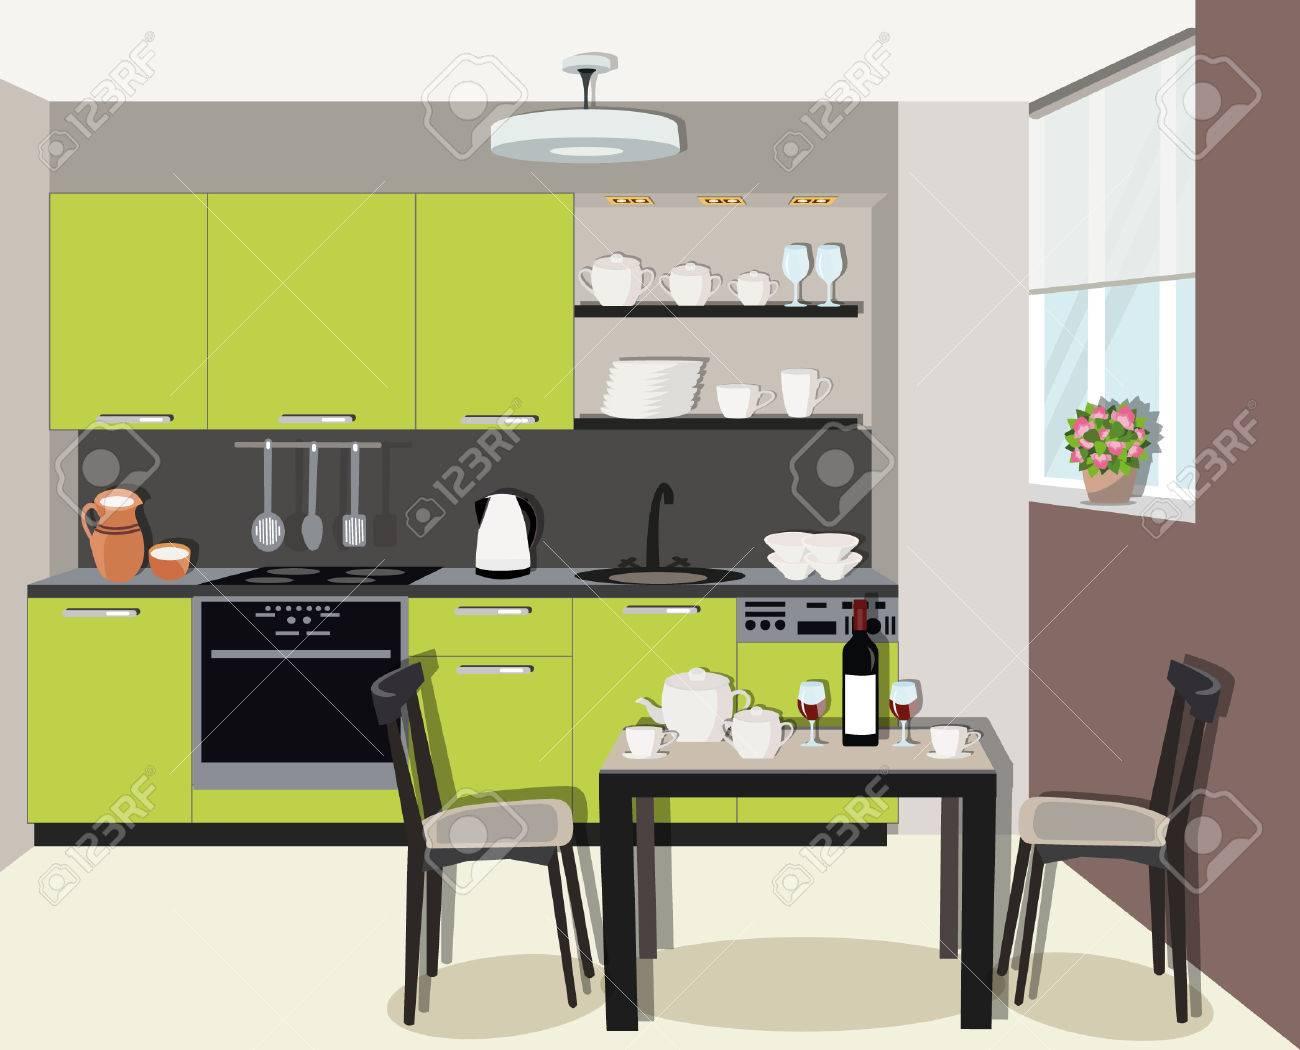 Diseño Interior De La Cocina Gráfica Acogedora Moderna Con Estufa ...